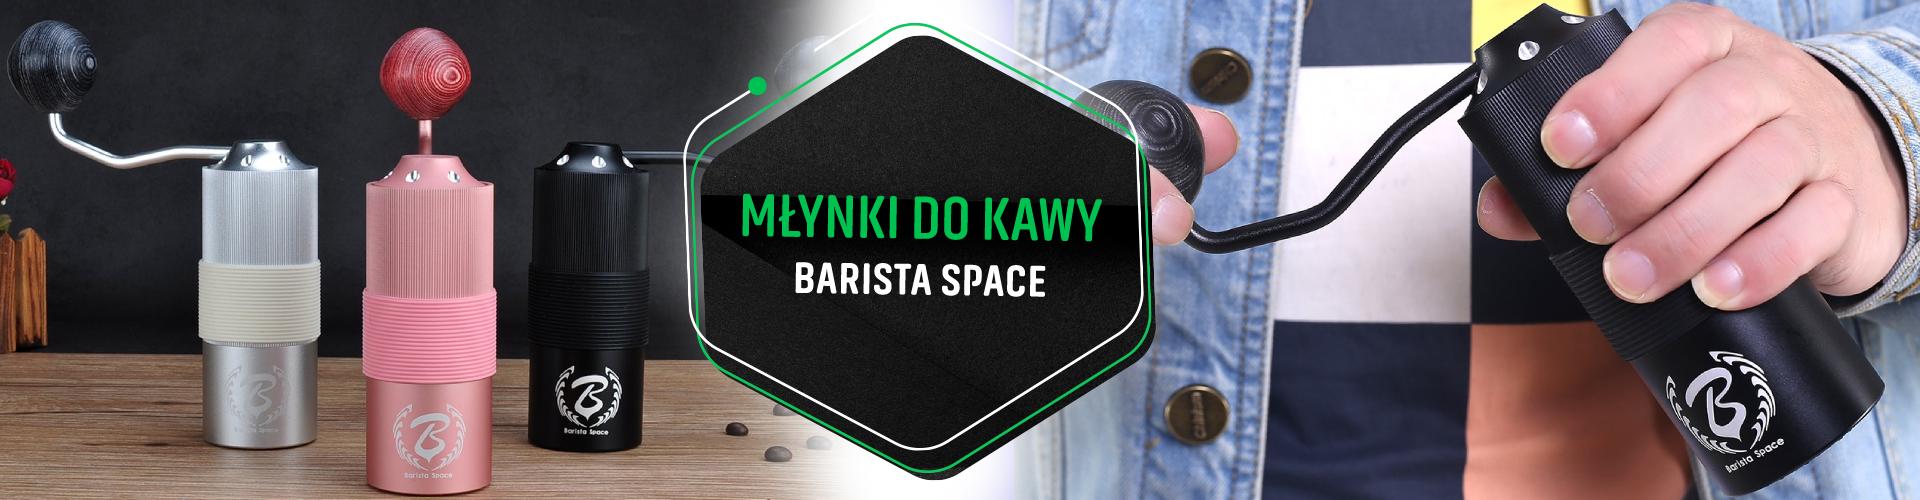 Młynki do kawy Barista Space